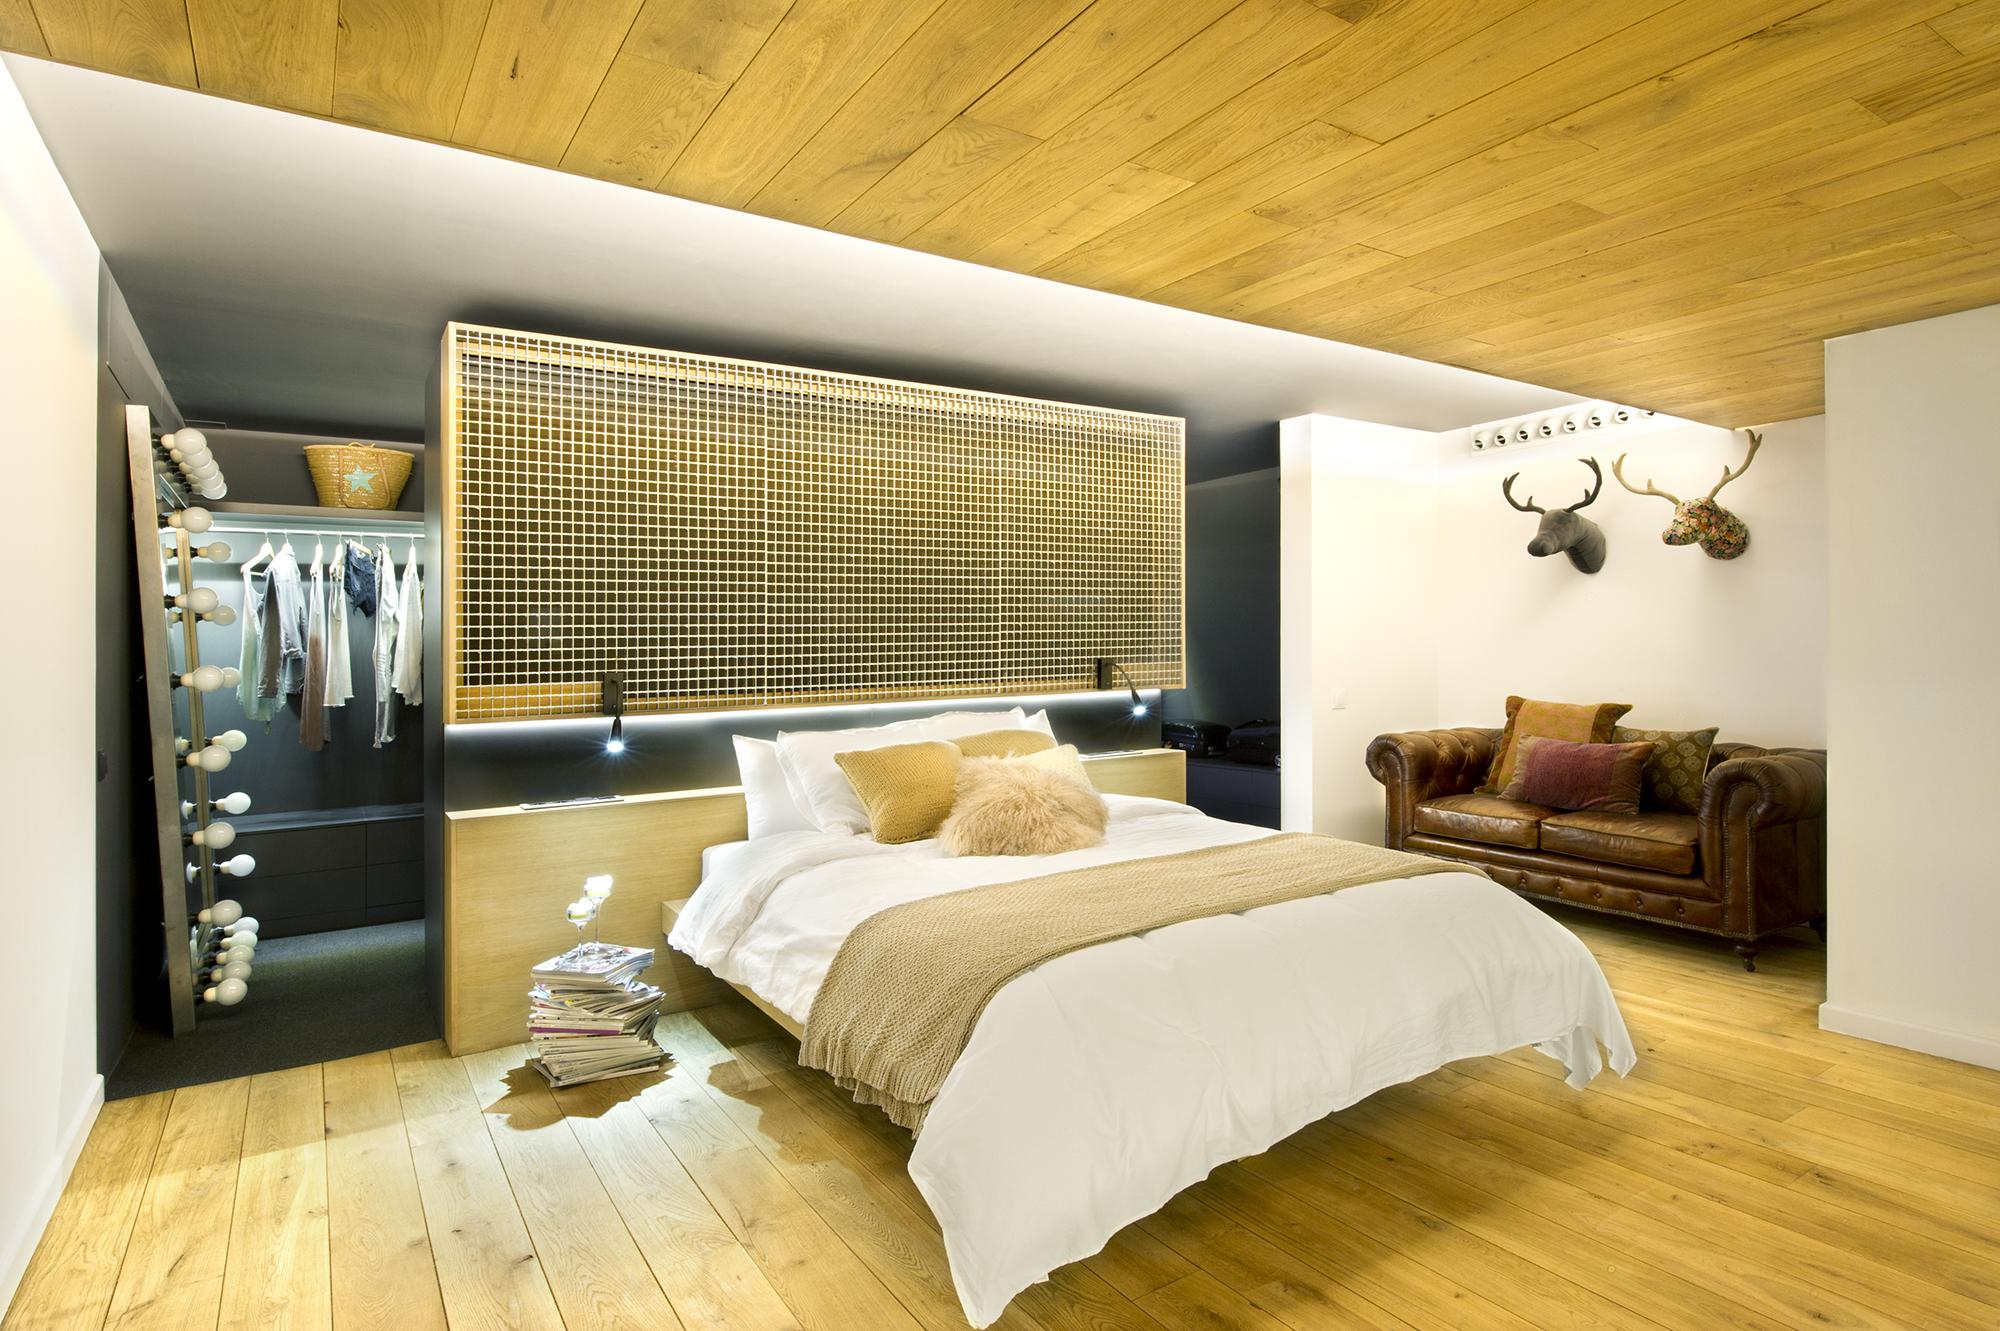 Кровать подвесная в стиле лофт